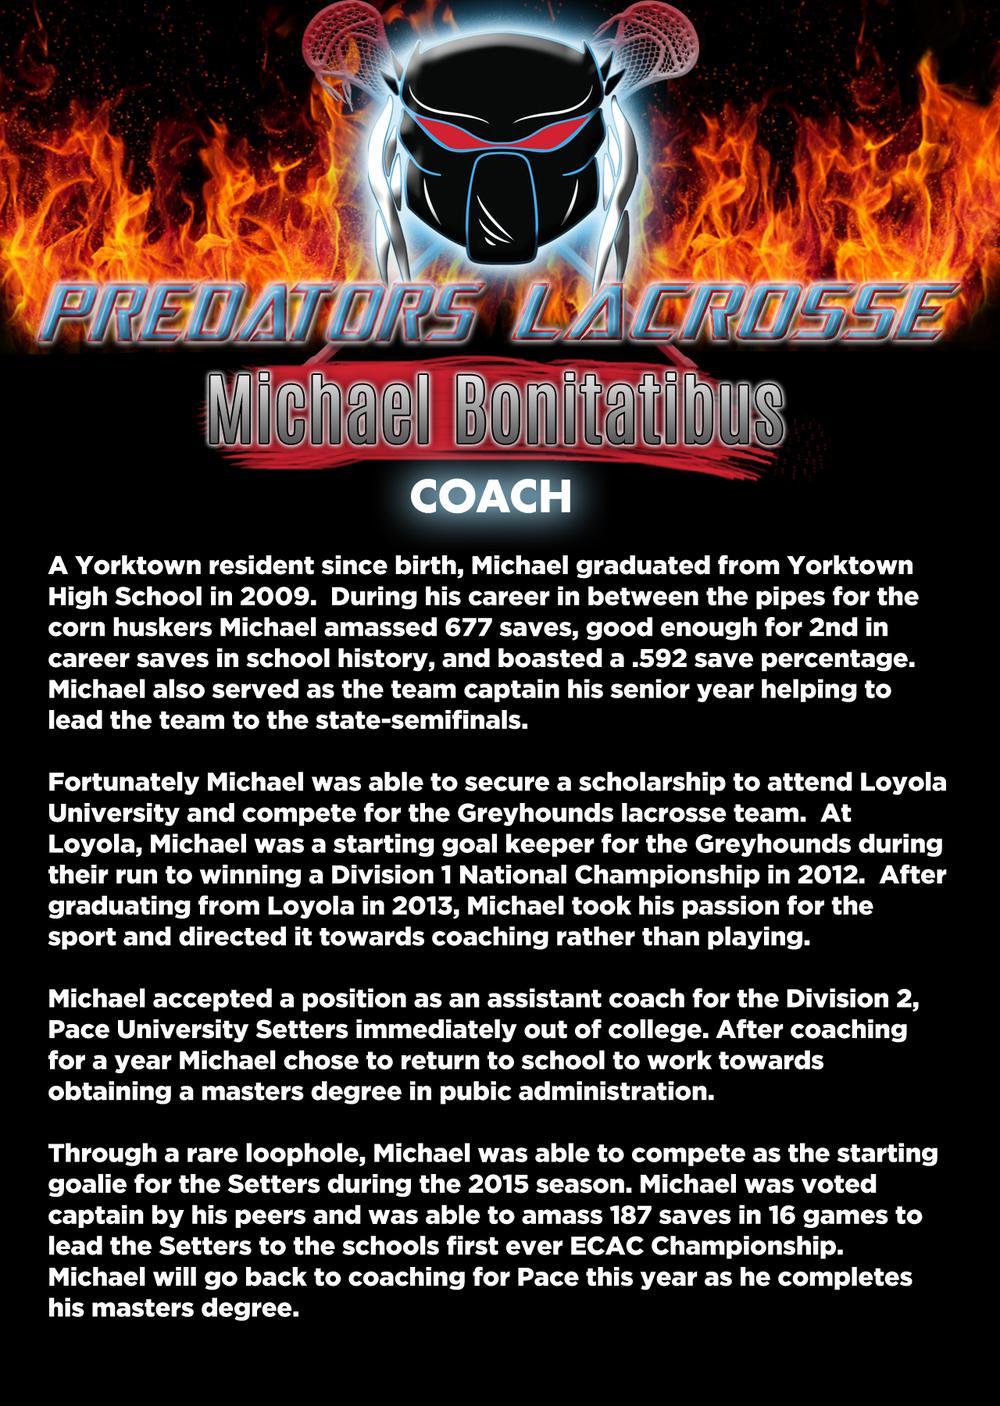 Michael Bonitatibus.jpg